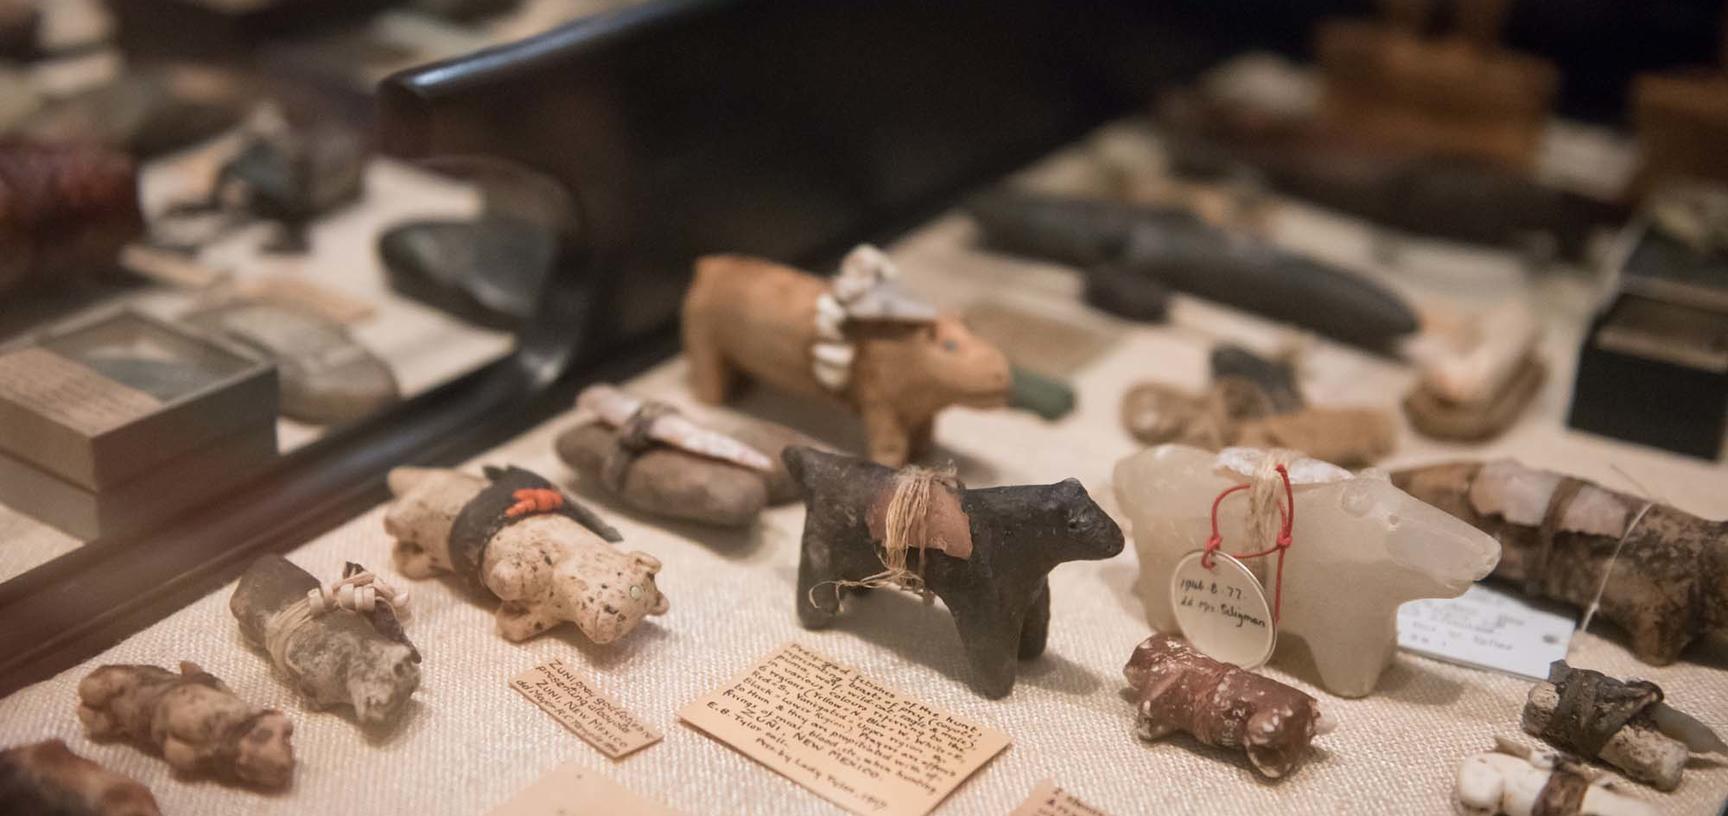 pitt rivers museum by john cairns 8 10 18 154